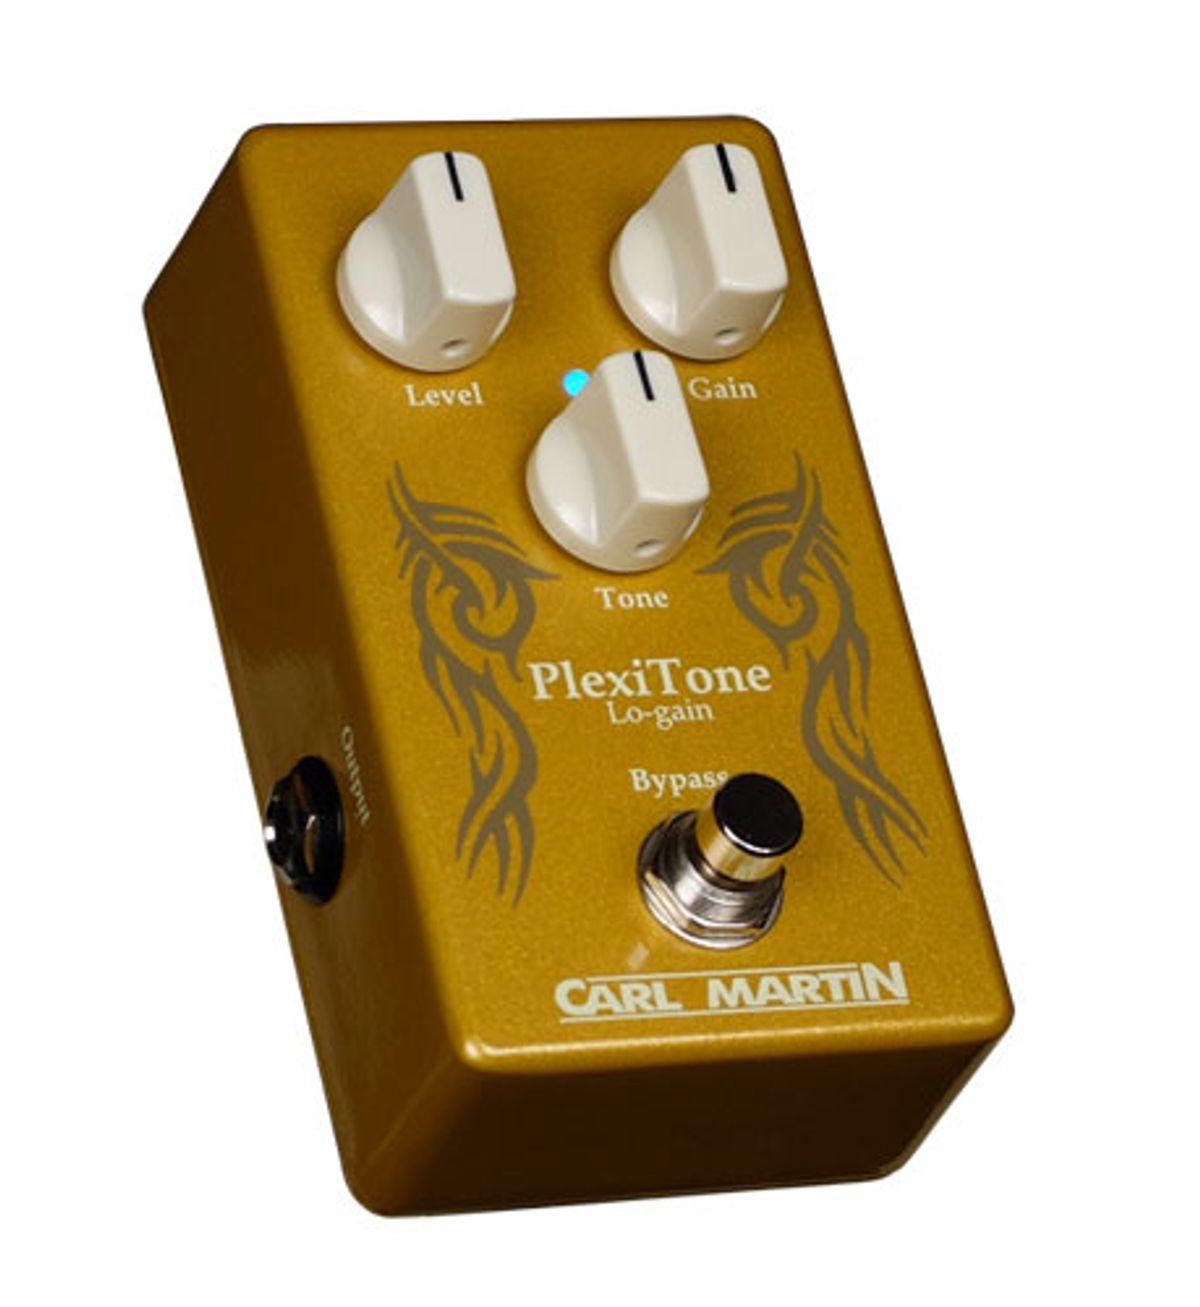 Carl Martin Releases the Plexitone Lo-Gain